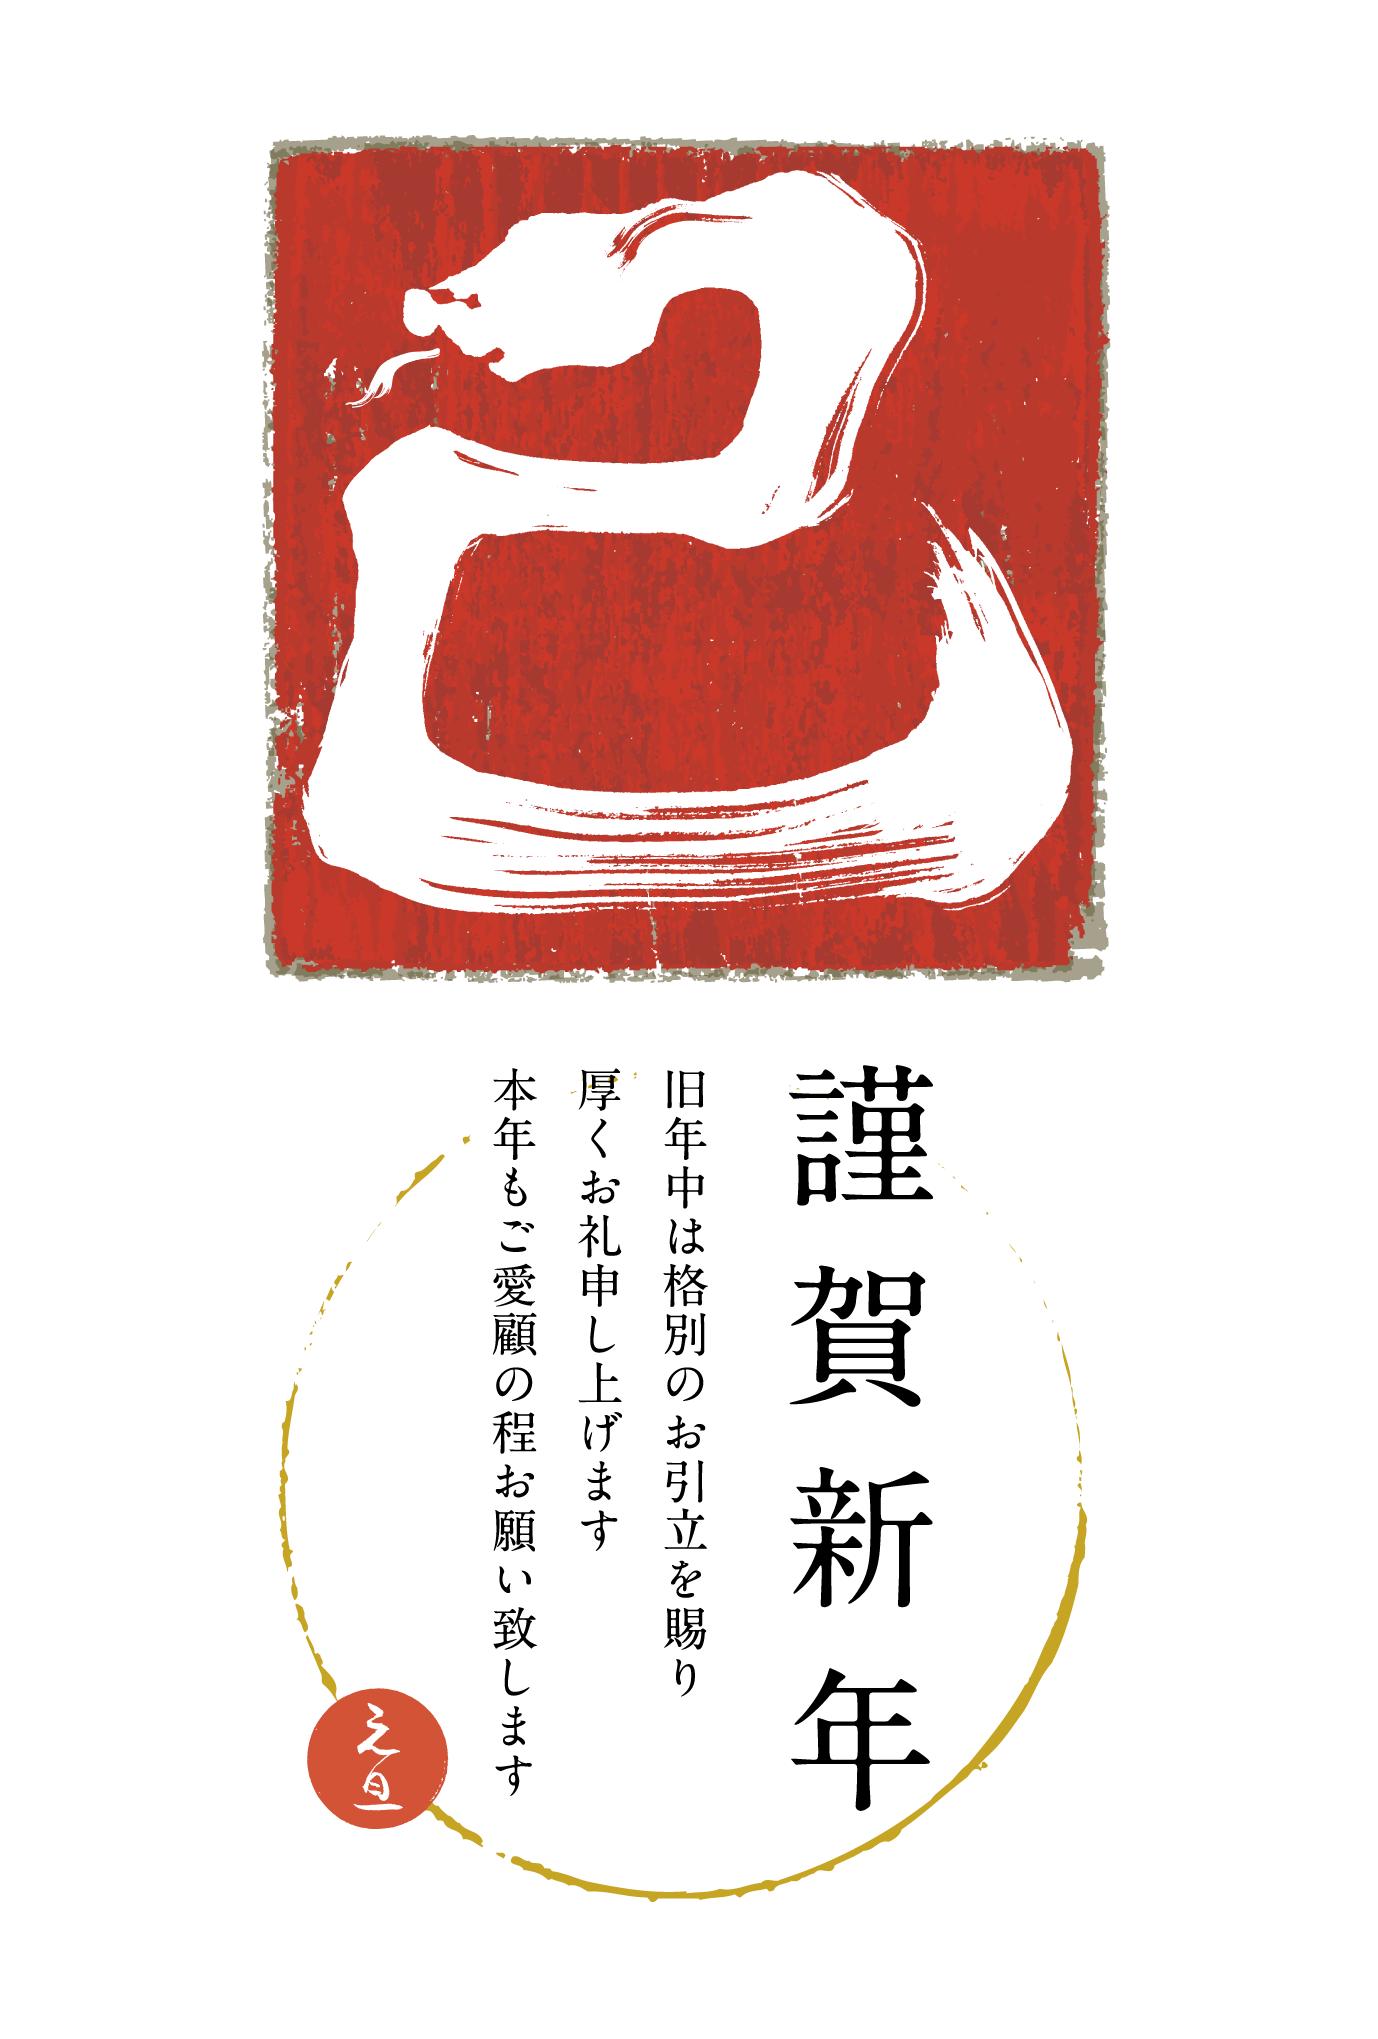 2013年賀状15:巳 Calligraphy(赤角)のダウンロード画像